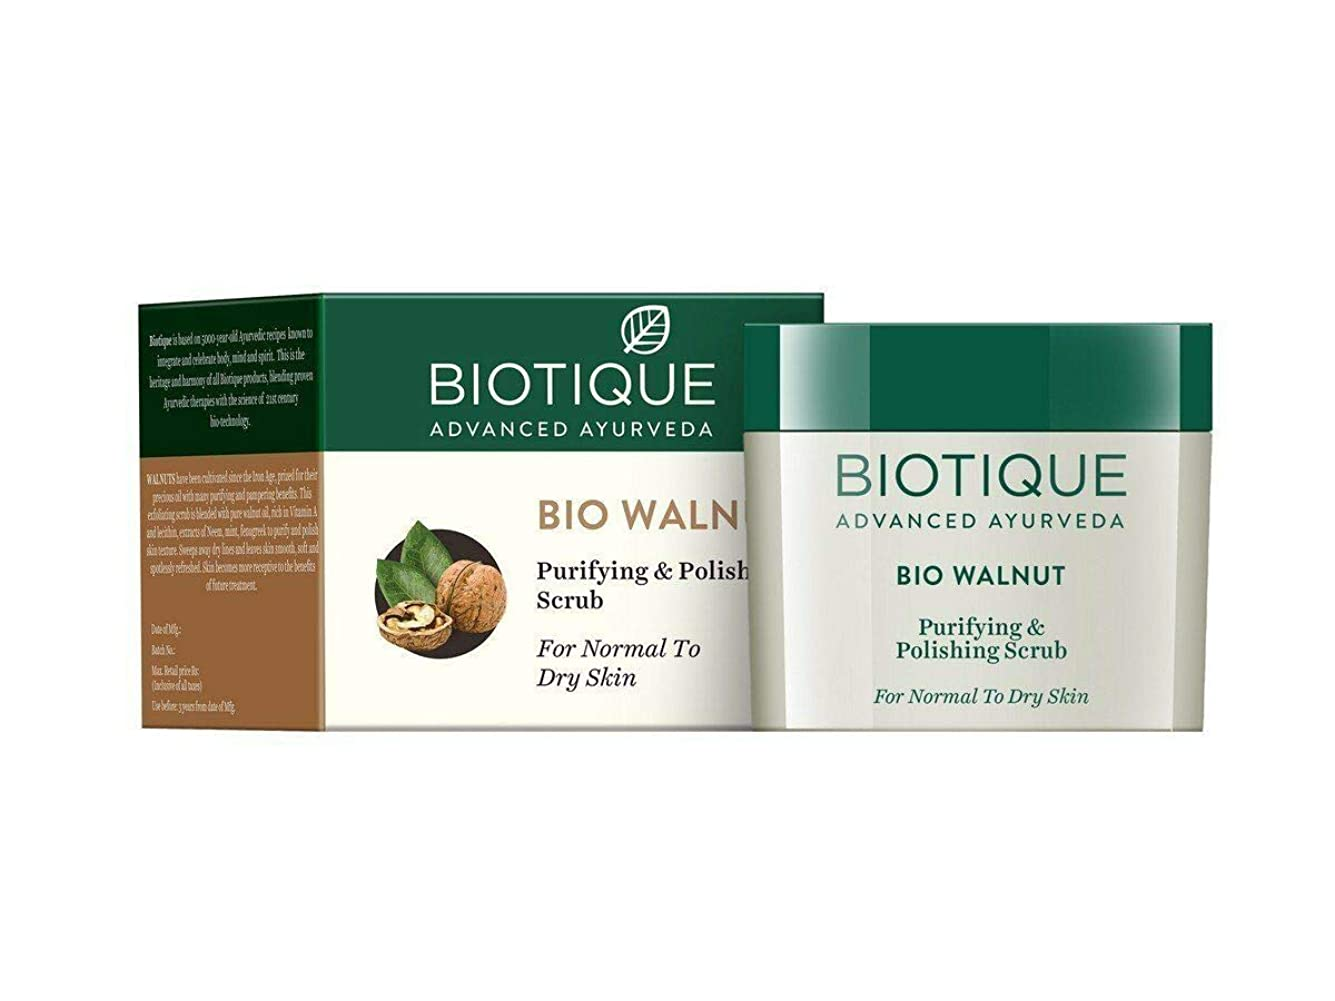 レモン実行する財政Biotique Bio Walnut Purifying & Polishing Scrub, 50g get rid of the dead cells